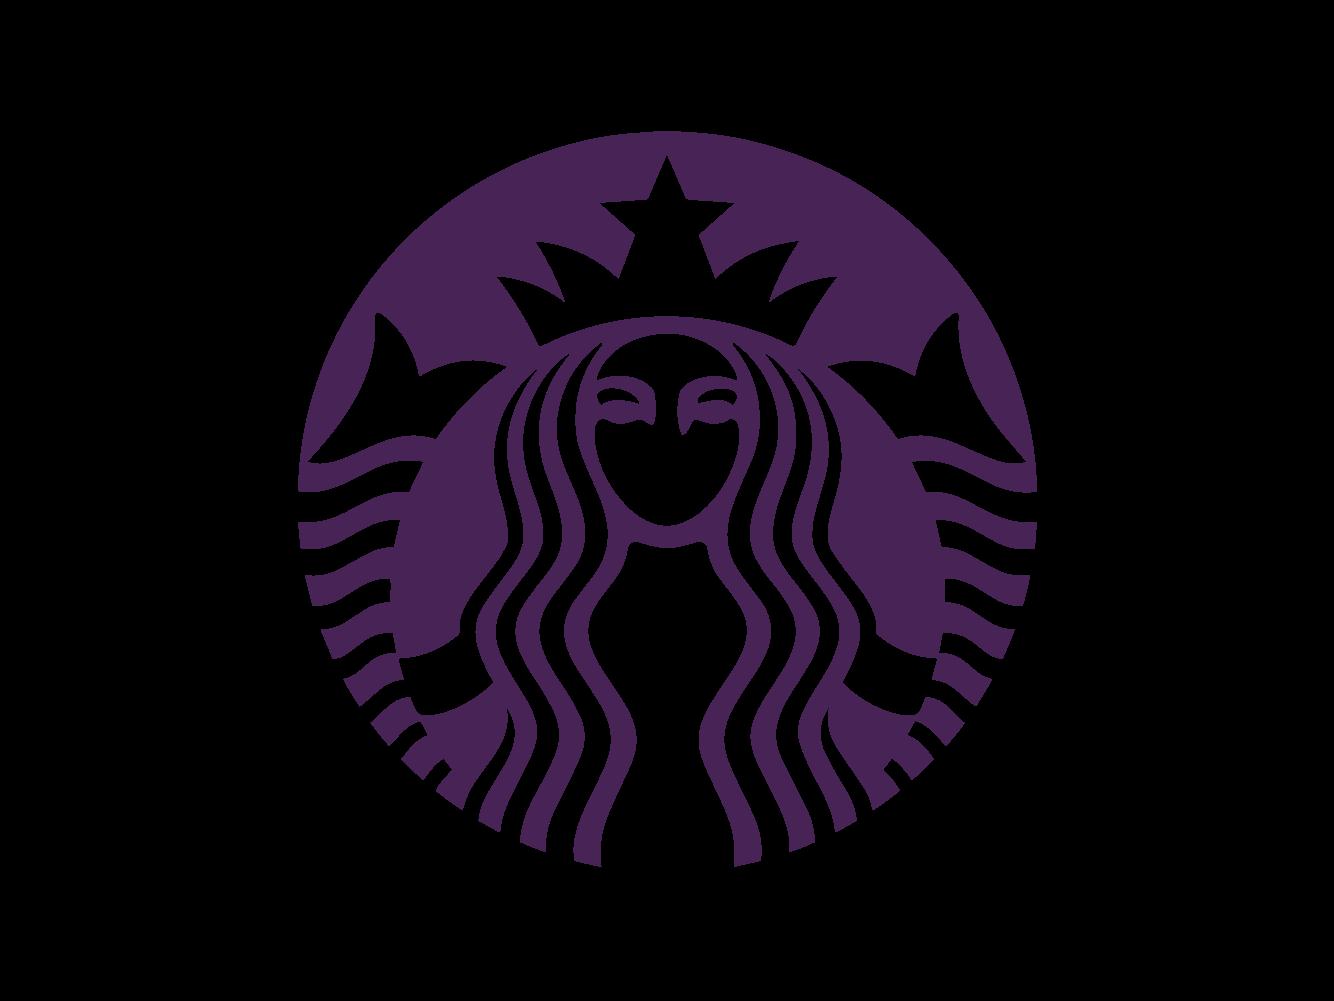 logos_web-14.png